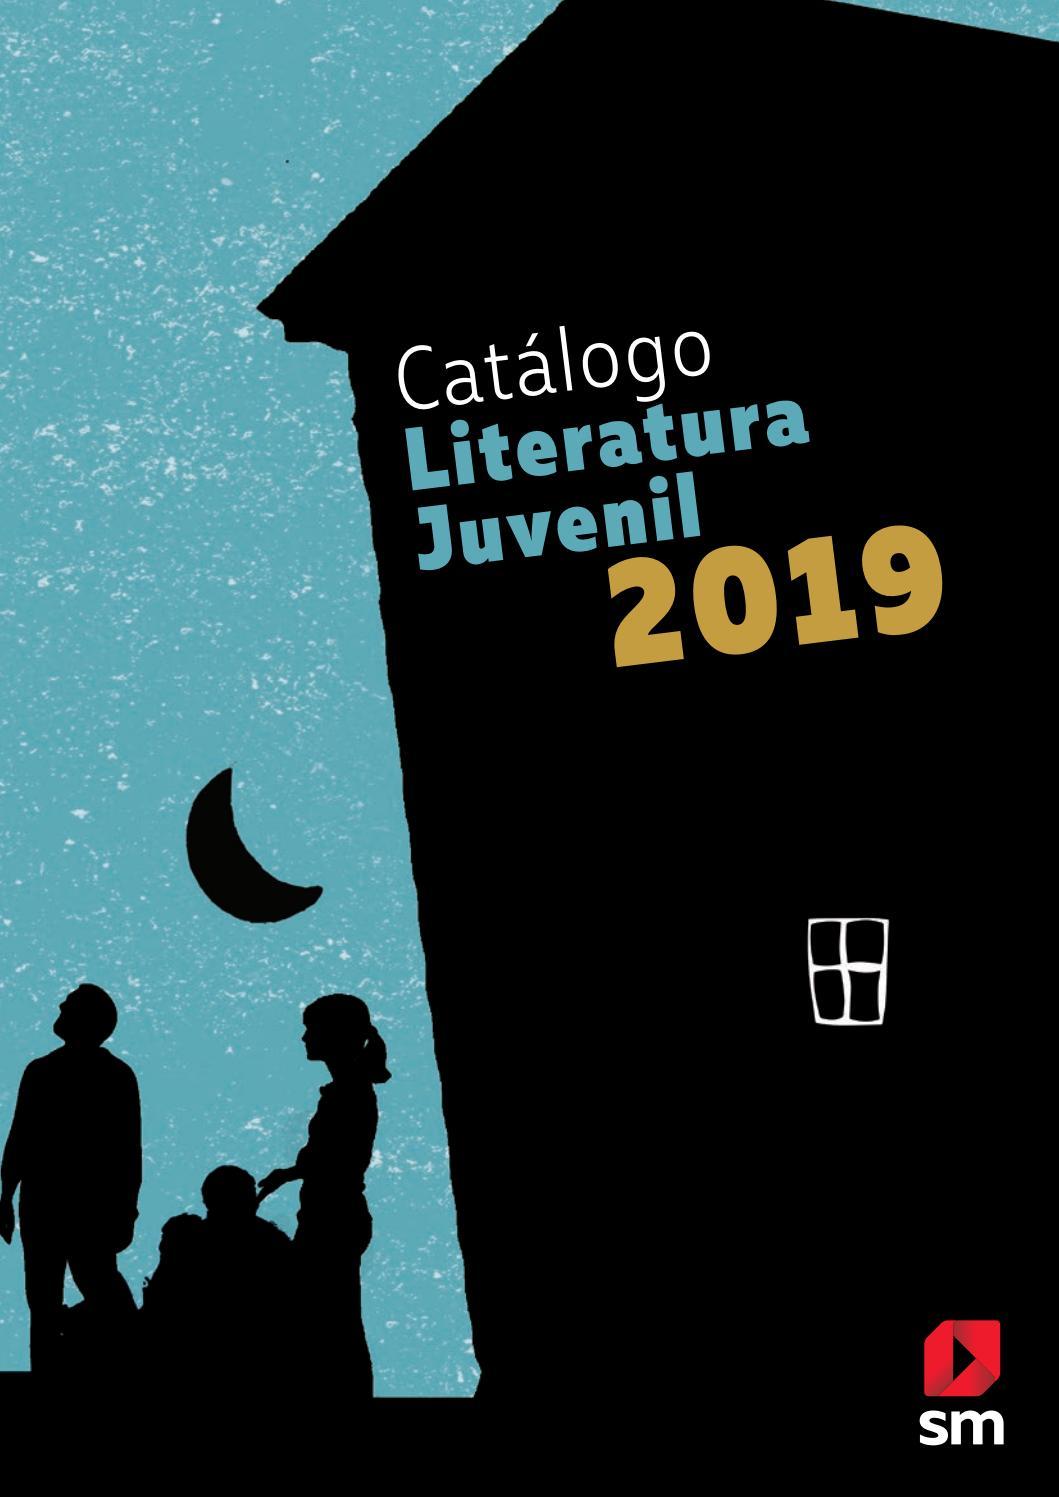 Catálogo Literatura Juvenil 2019 | SM en Argentina by SM Argentina - issuu